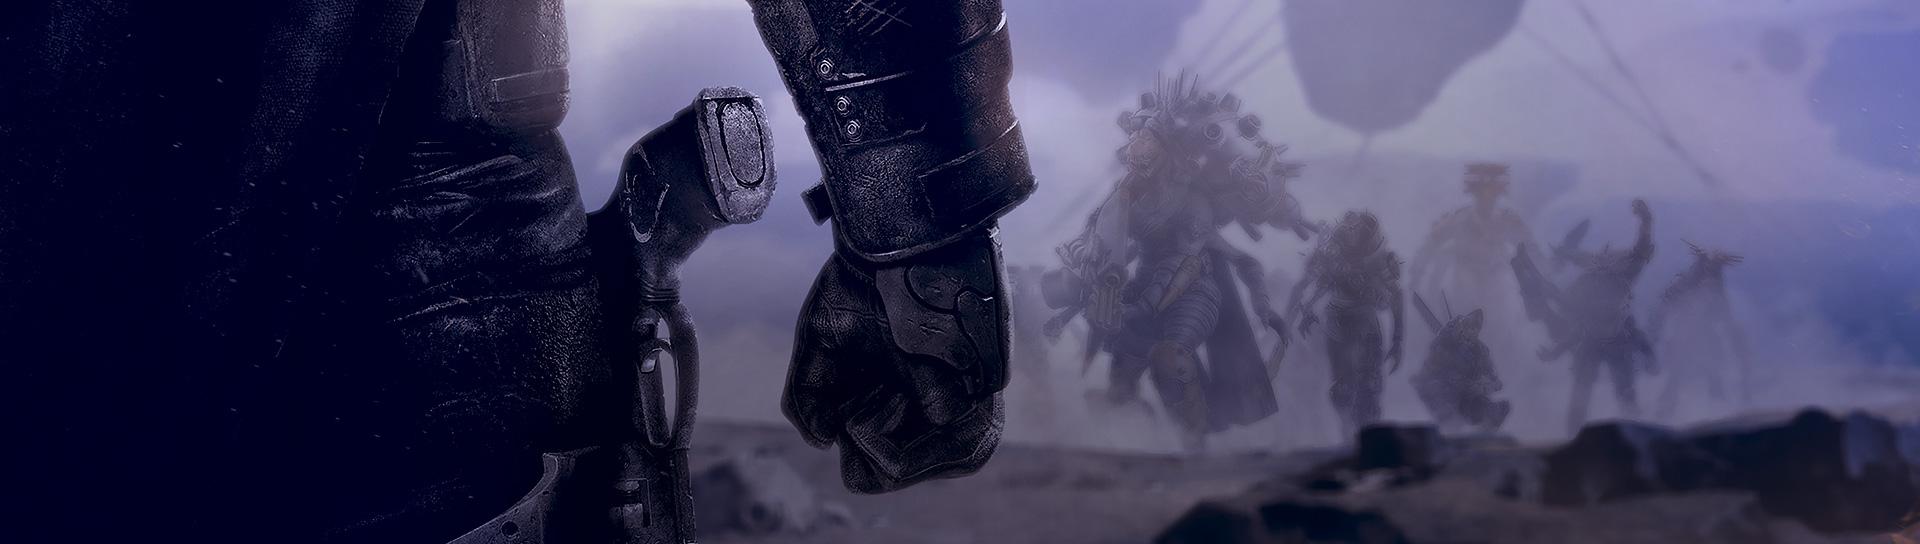 Destiny 2: Renegados